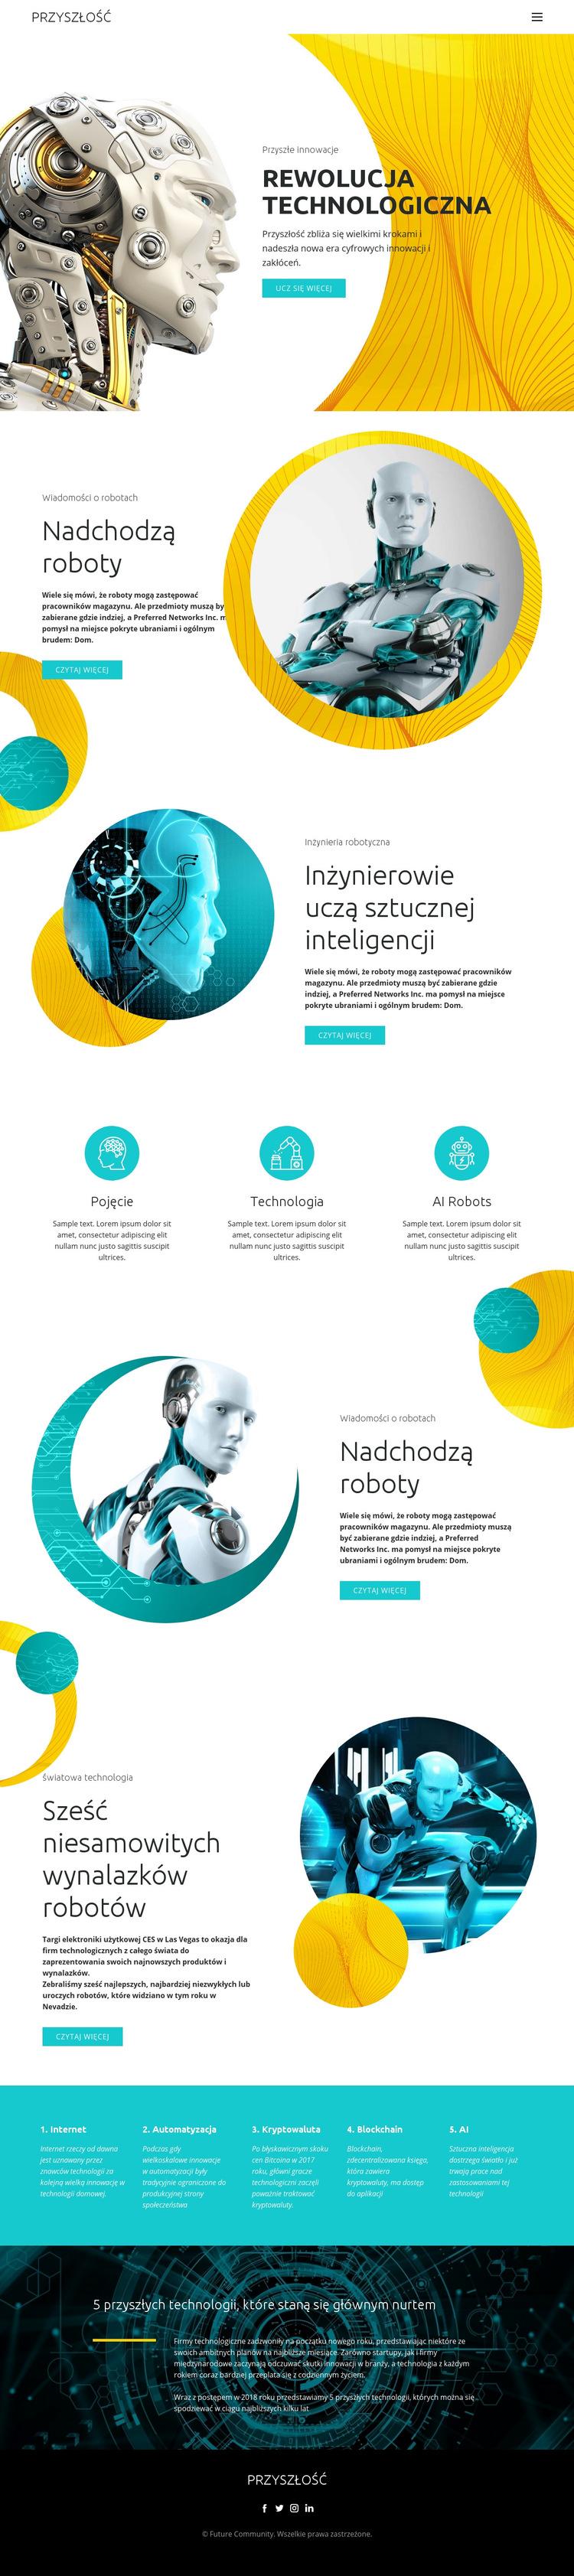 Postęp w technologii robotów Szablon witryny sieci Web